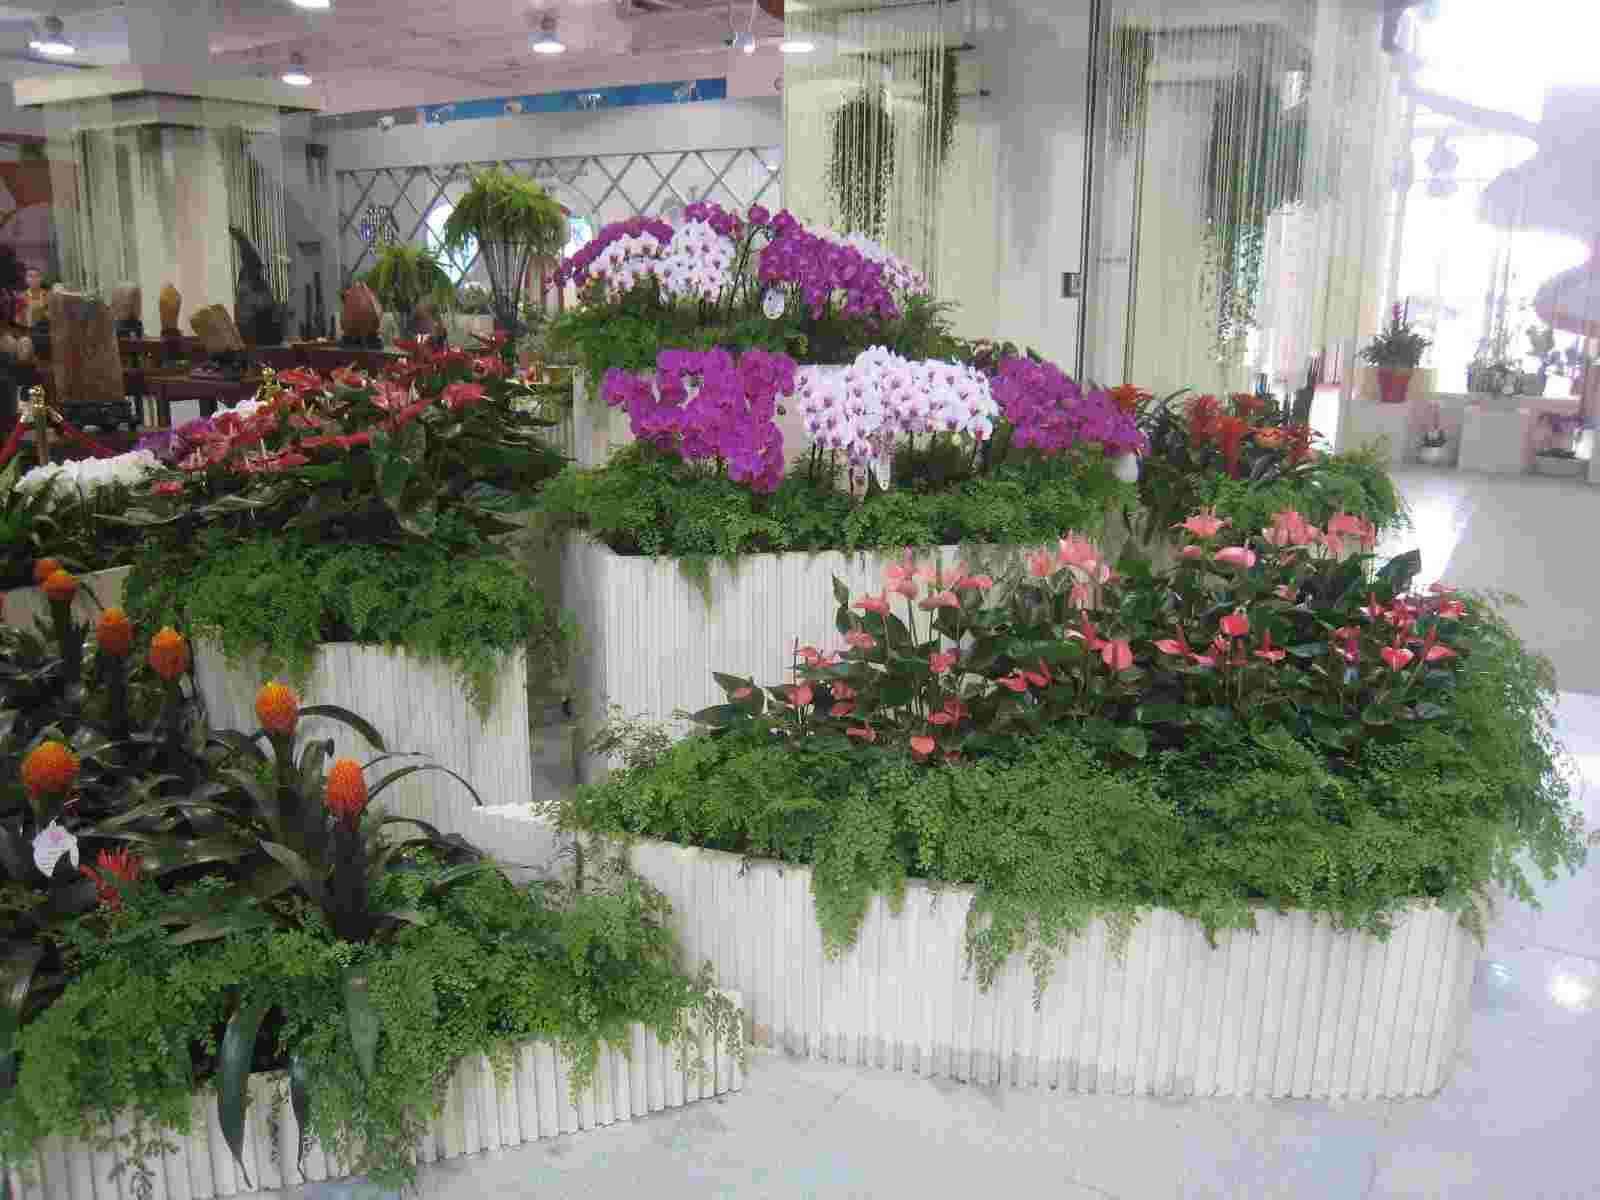 六合区汇文产业园附近的花卉租赁哪家服务好 贴心服务 南京春之恋景观工程供应